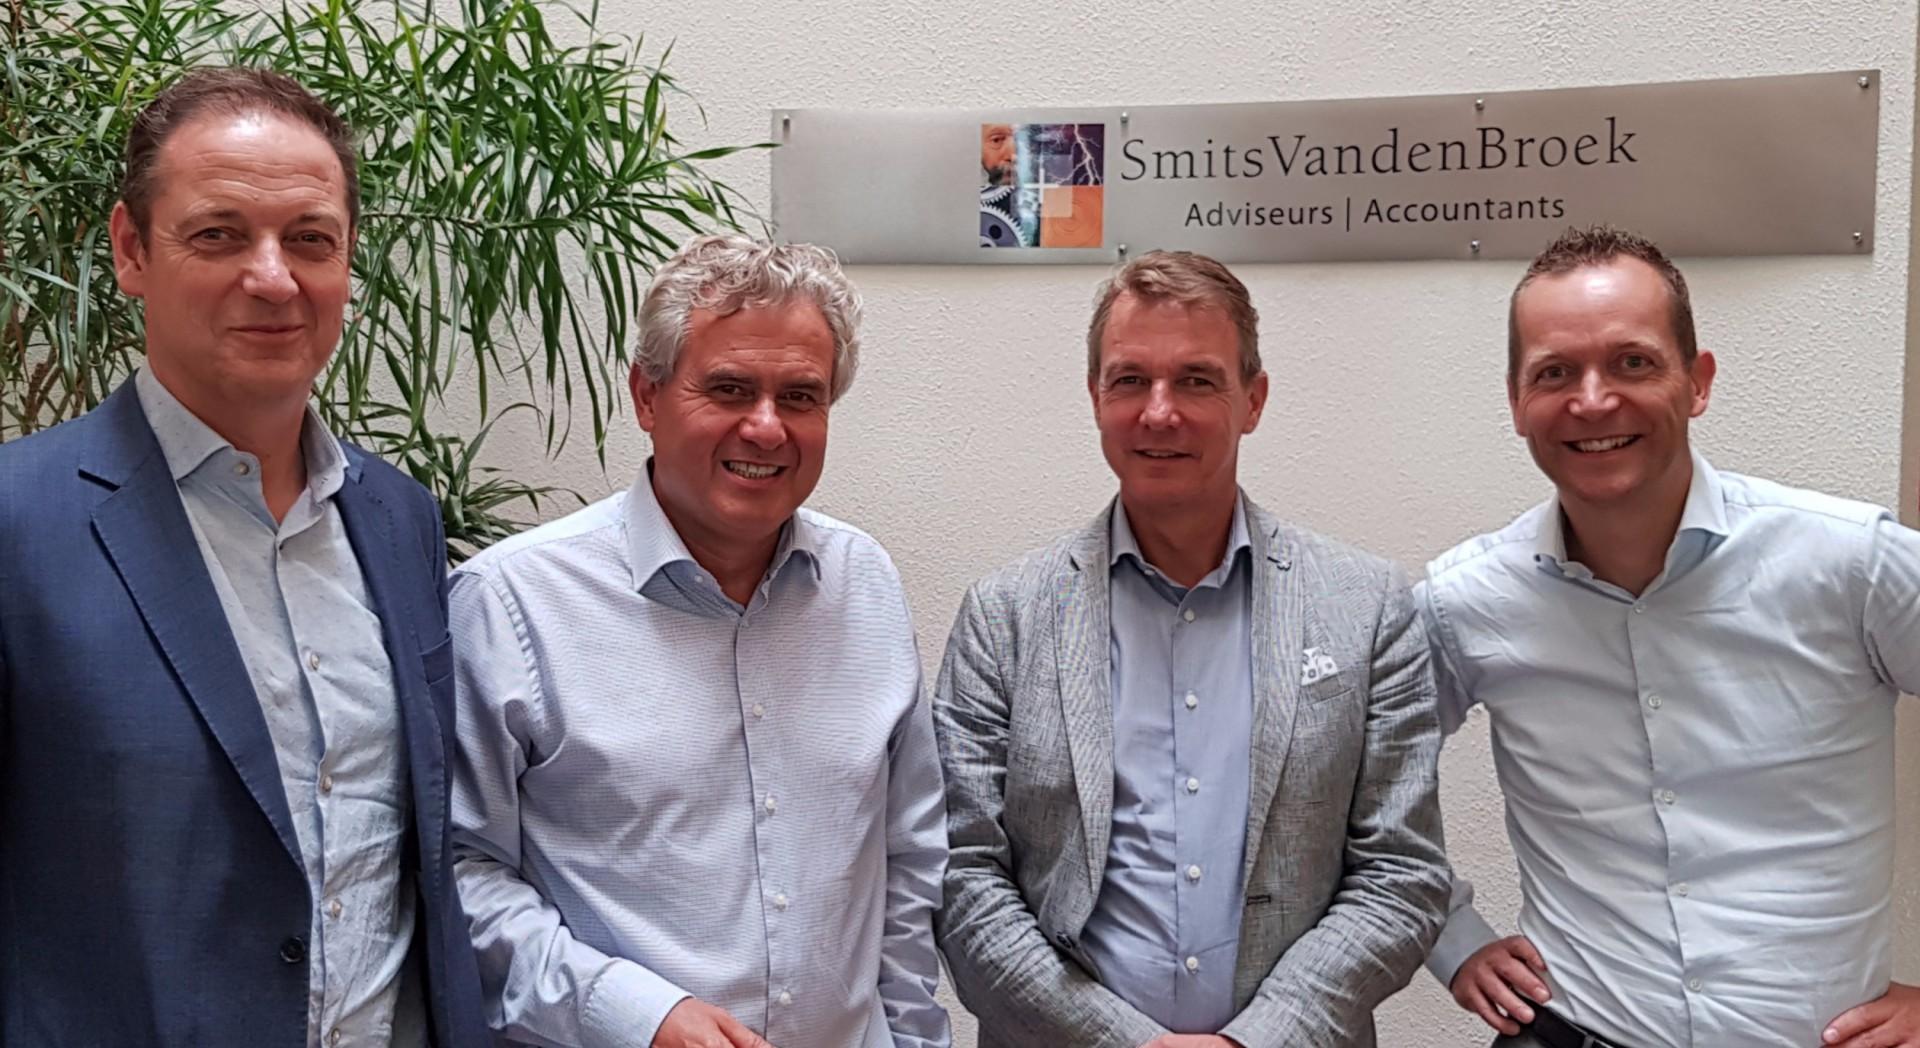 Herman Smits 25 jaar in dienst bij SmitsVandenBroek!